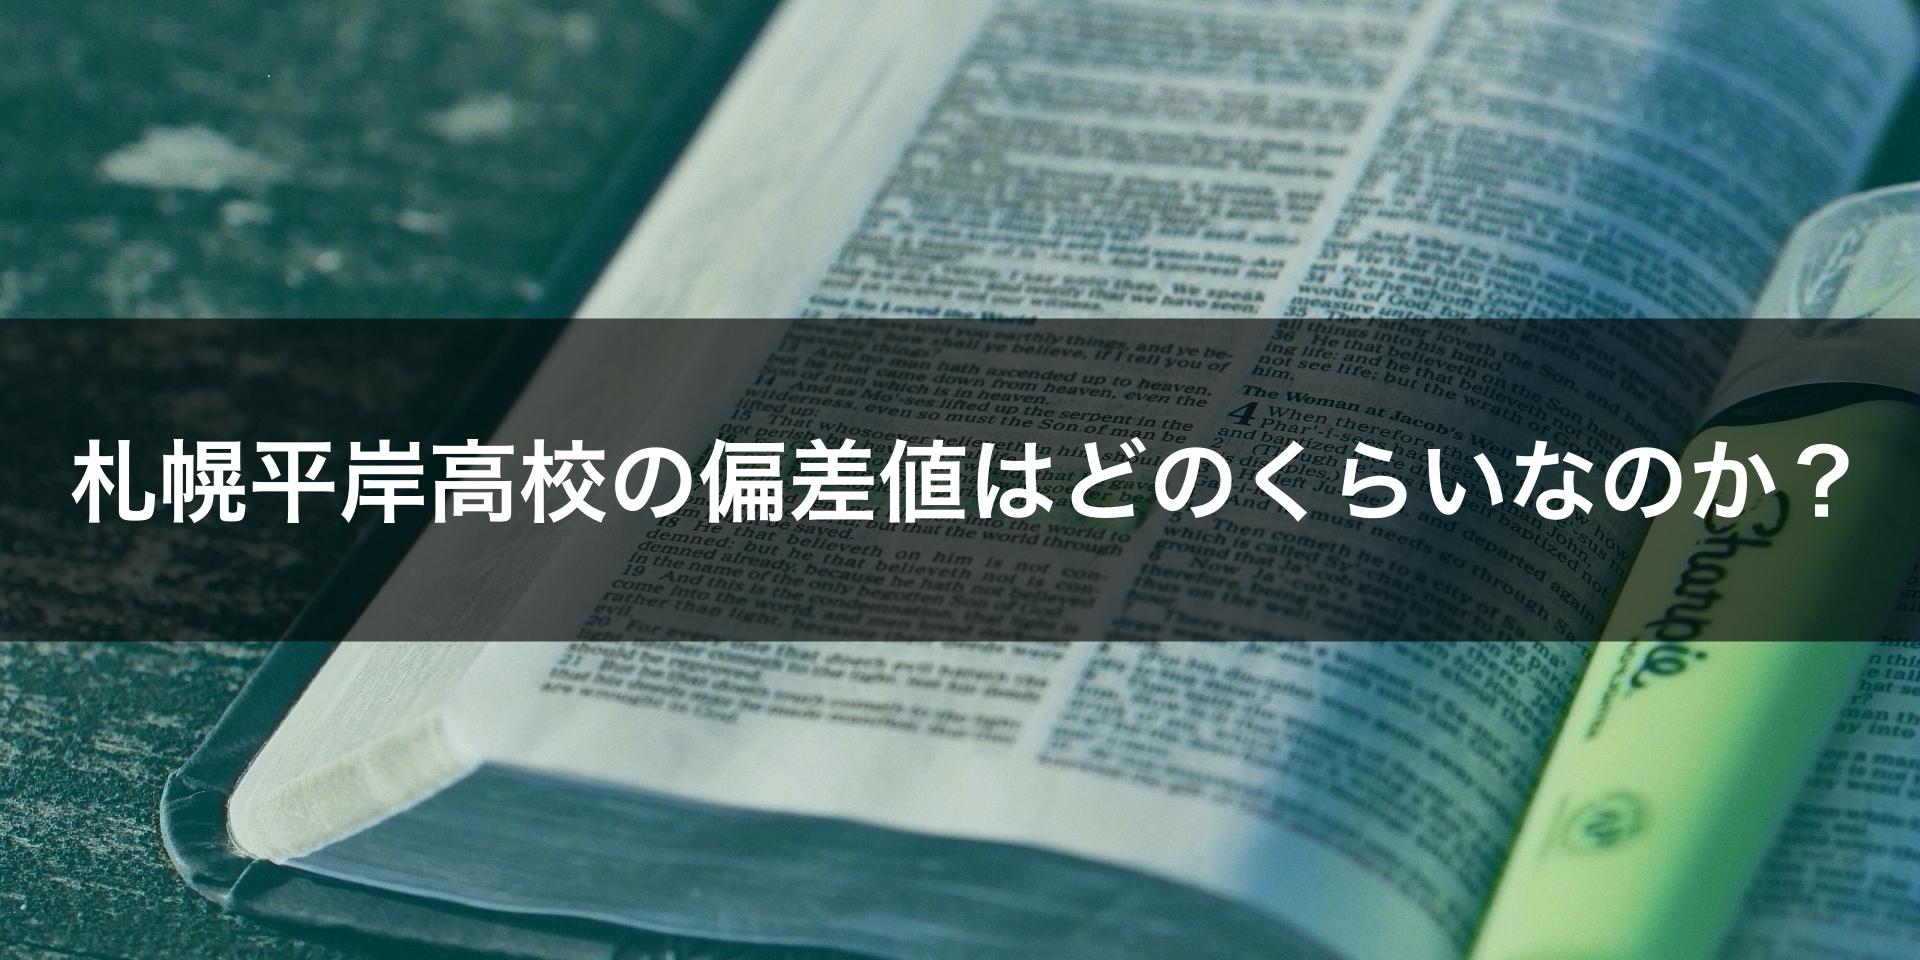 札幌平岸高校の偏差値はどのくらいなのか?